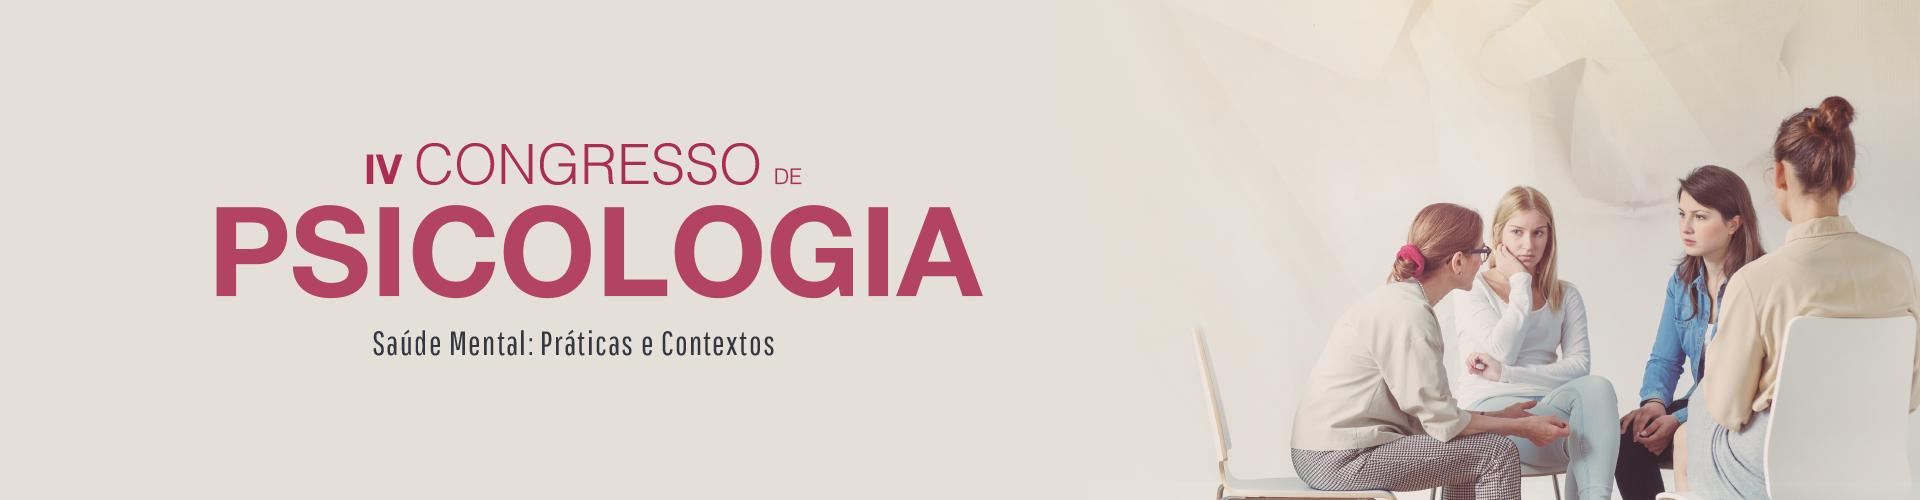 Banner-Congresso-de-Psicologia-02